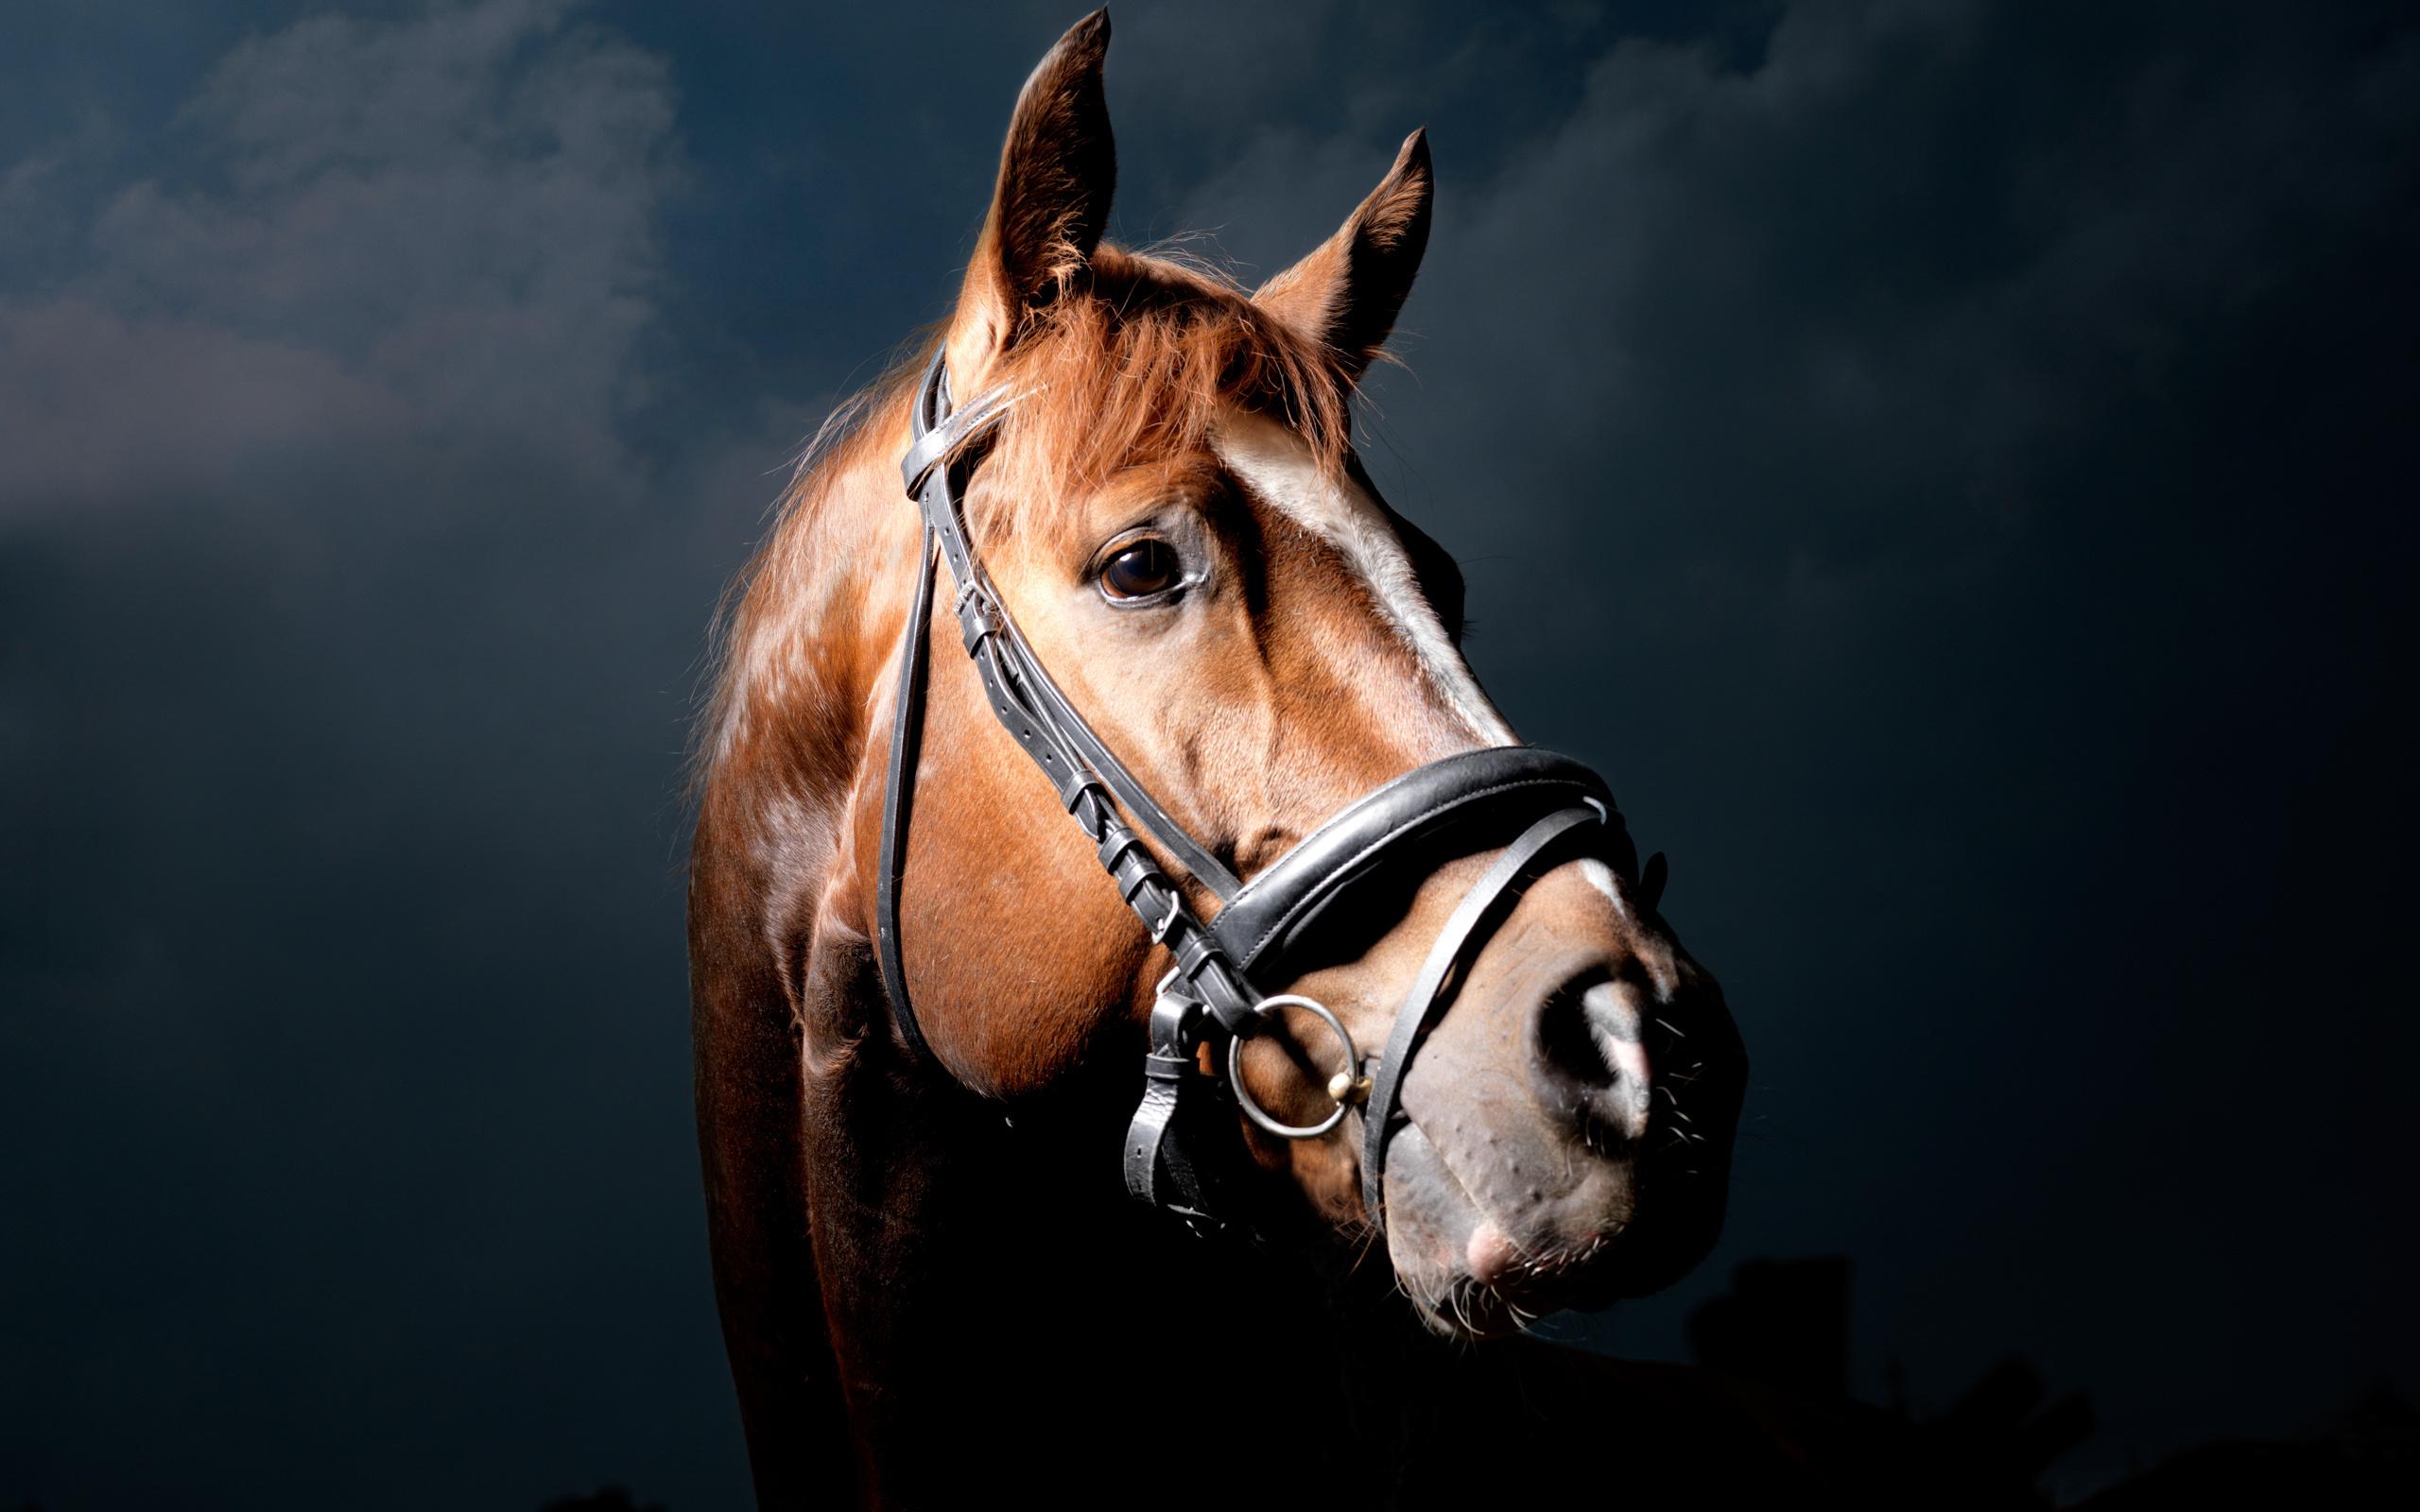 Черная лошадь без смс